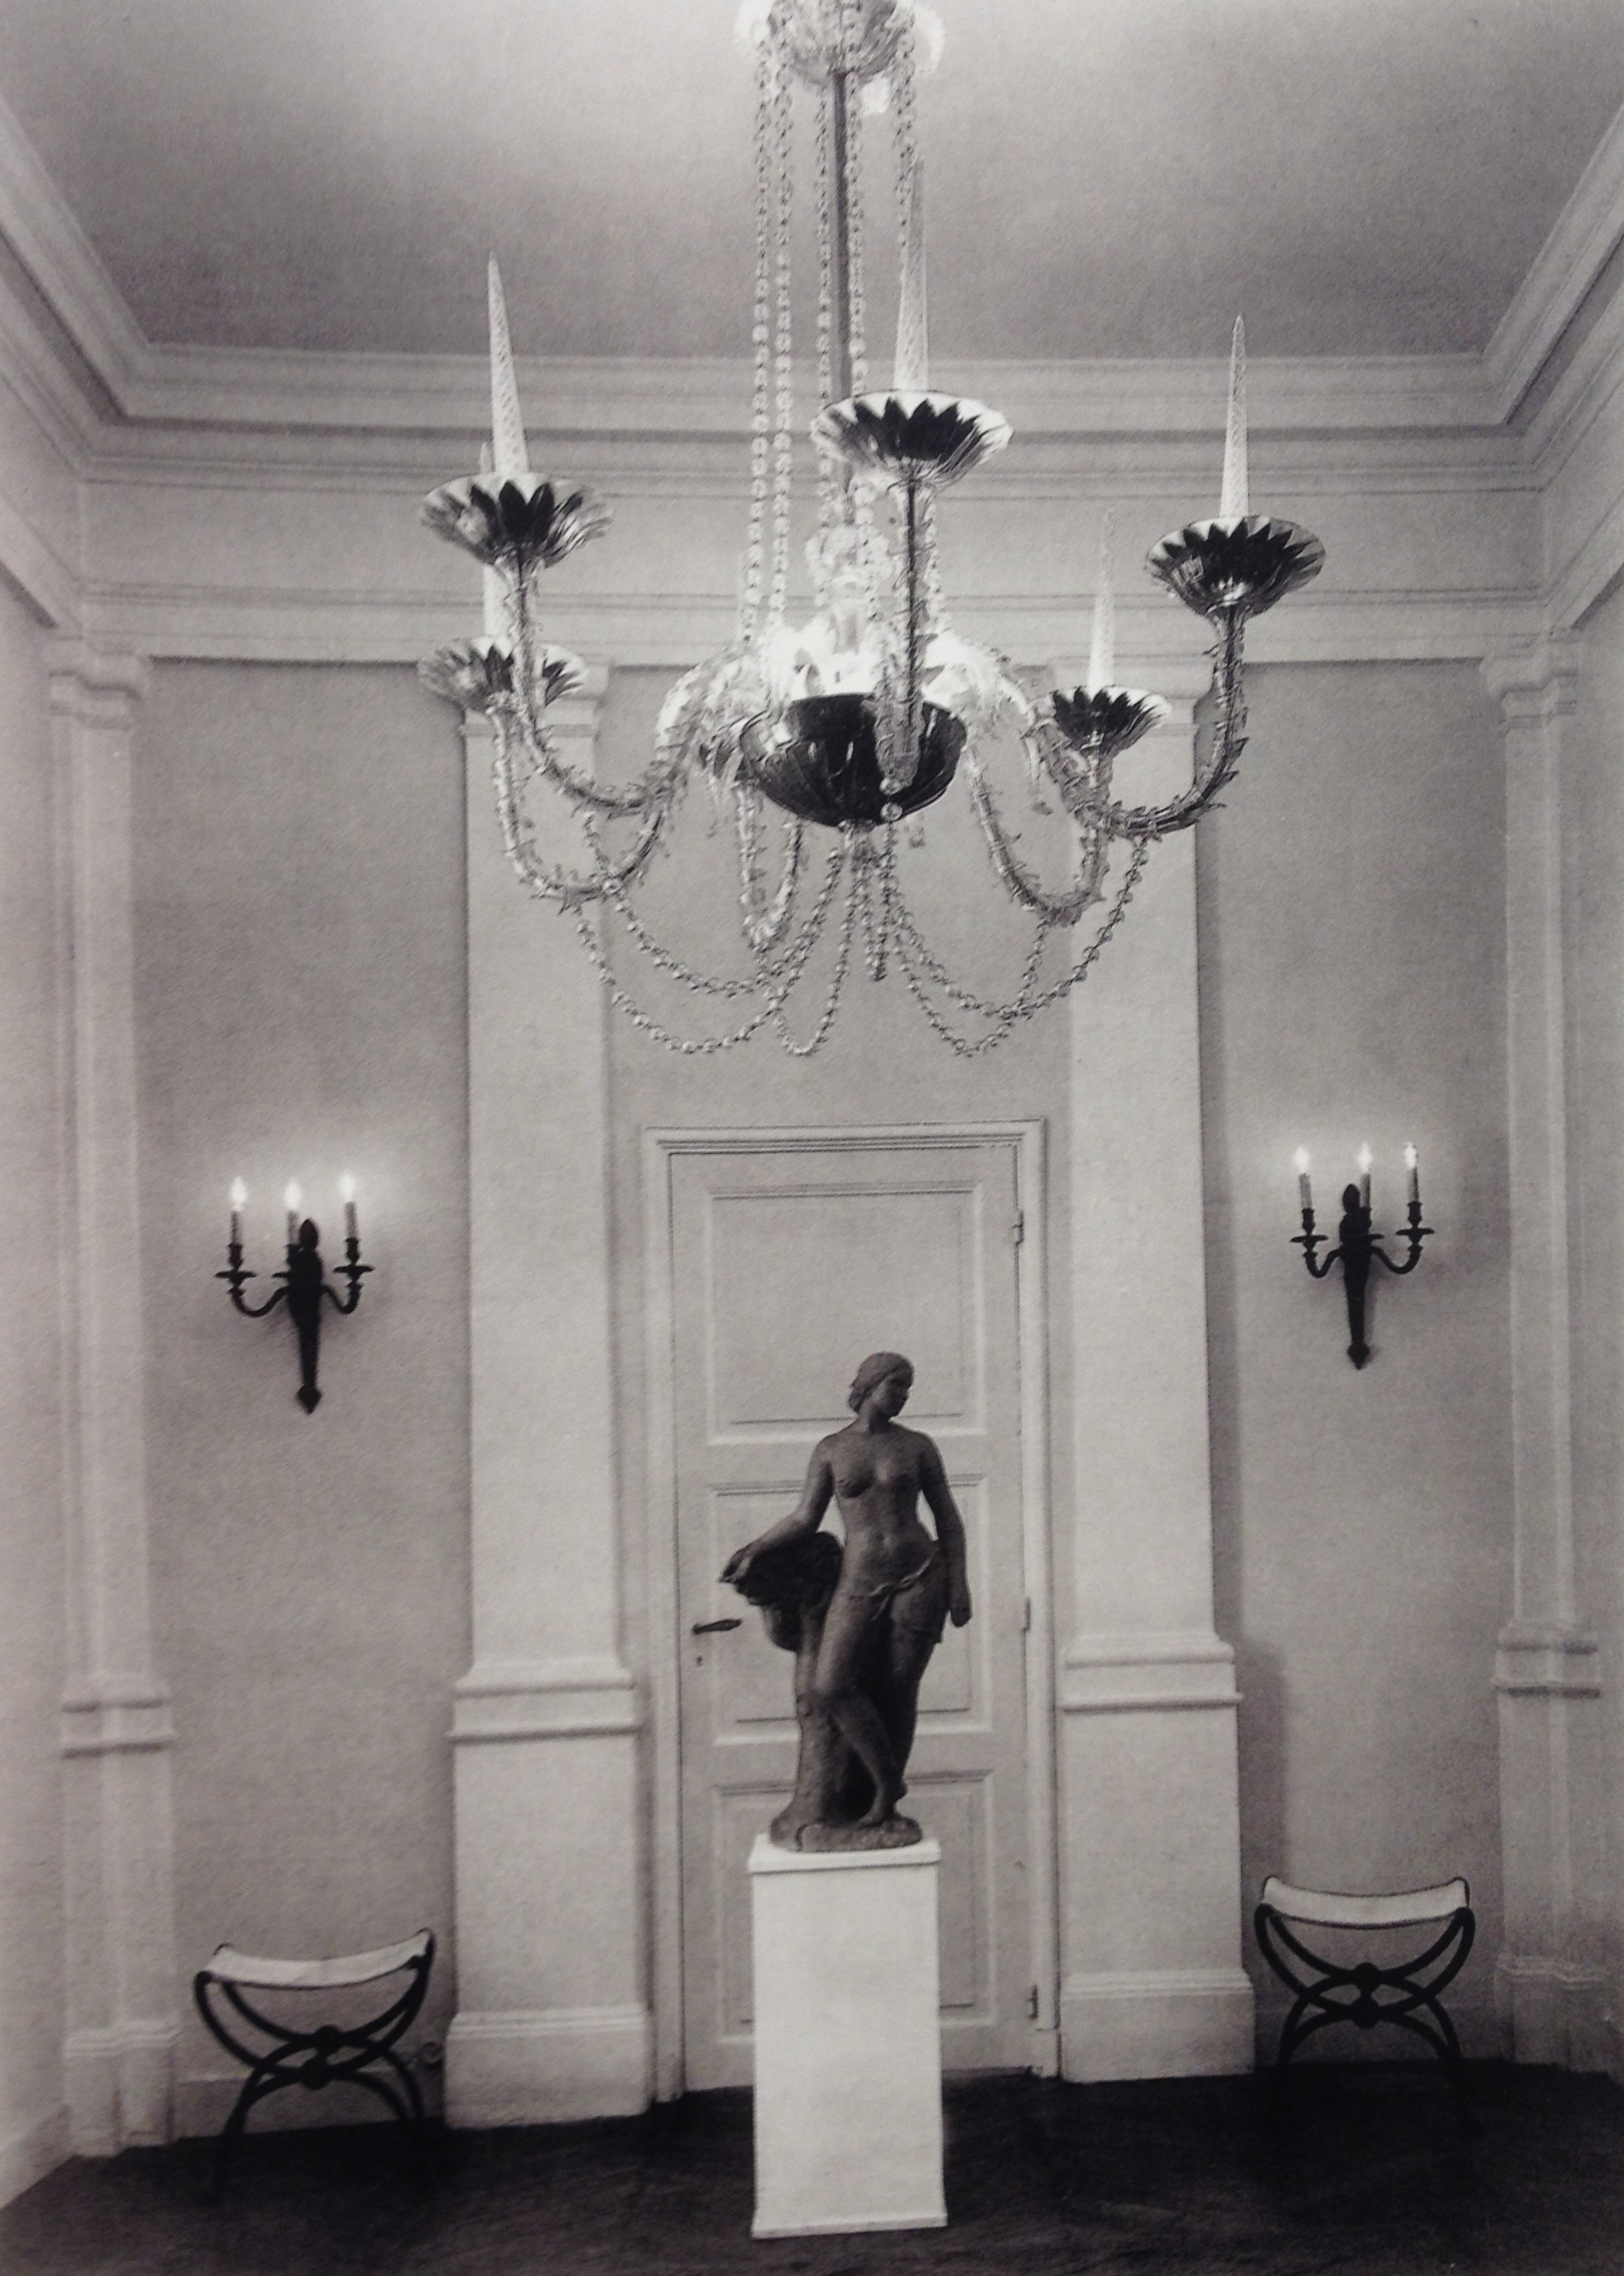 andre-abus-hotel-particulier-1949-entrée-1